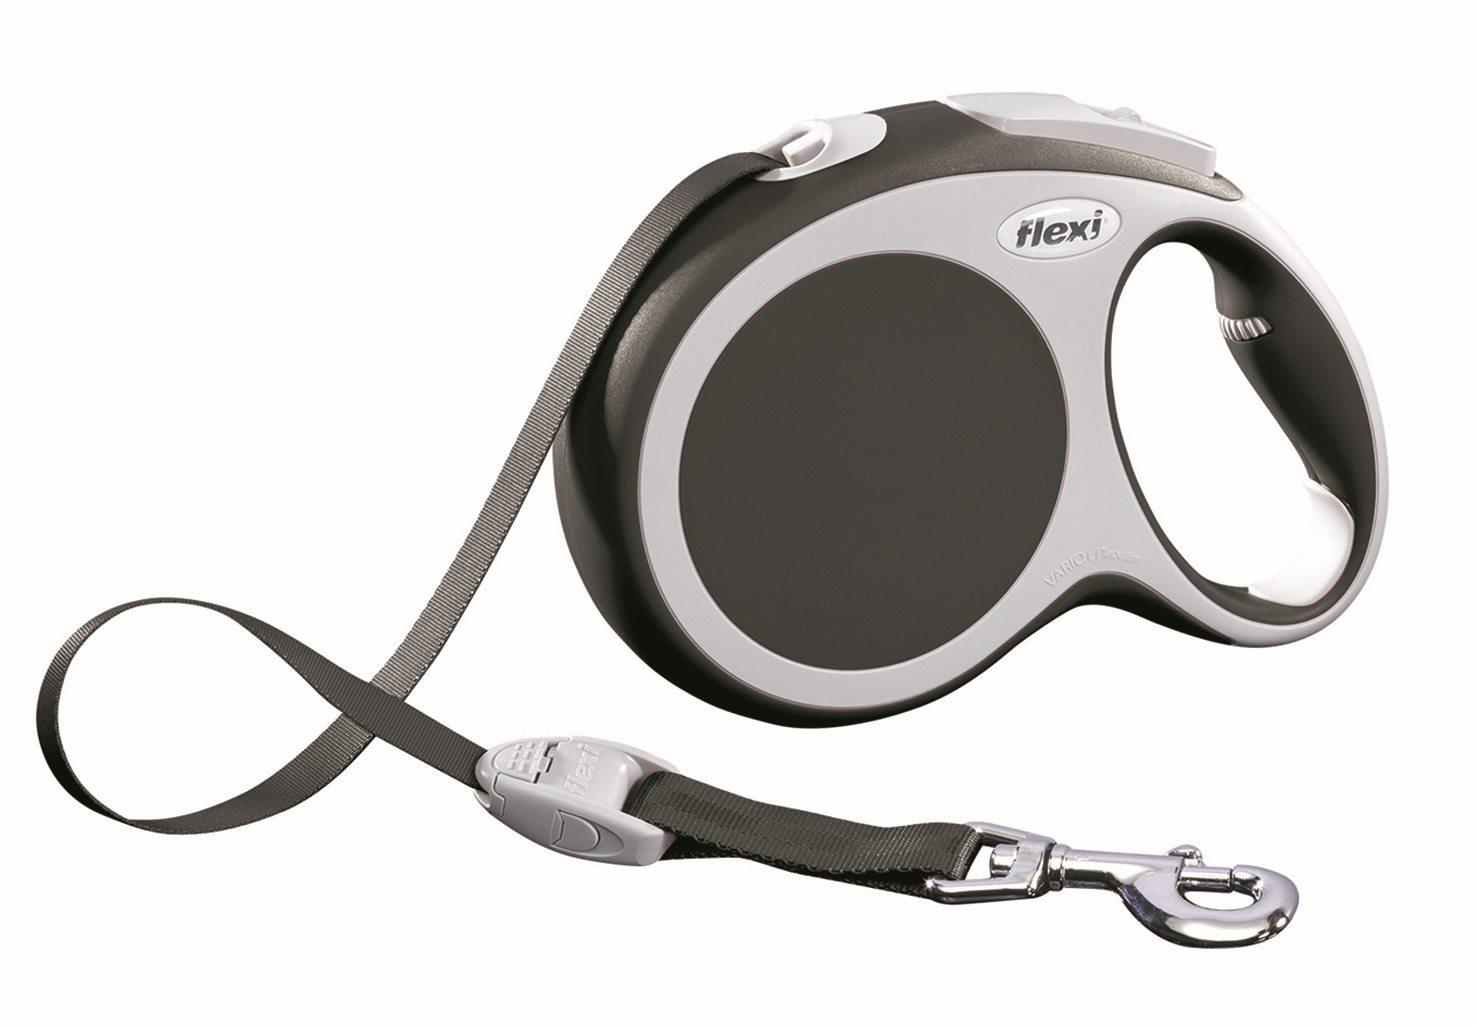 Поводок-рулетка Flexi Vario Compact L для собак до 50 кг, цвет: серый, 8 м020203Поводок-рулетка Flexi Vario Compact L изготовлен из пластика и нейлона. Подходит для собак весом до 50 кг. Ленточный поводок обеспечивает каждой собаке свободу движения, что идет на пользу здоровью и радует вашего четвероногого друга. Рулетка очень проста в использовании. Она оснащена кнопками кратковременной и постоянной фиксации. Ее можно оснастить мультибоксом для лакомств или пакетиков для сбора фекалий, LED подсветкой корпуса, своркой или ремнем с LED подсветкой. Поводок имеет прочный корпус, хромированную застежку и светоотражающие элементы.Длина поводка: 8 м. Максимальная нагрузка: 50 кг.Товар сертифицирован.